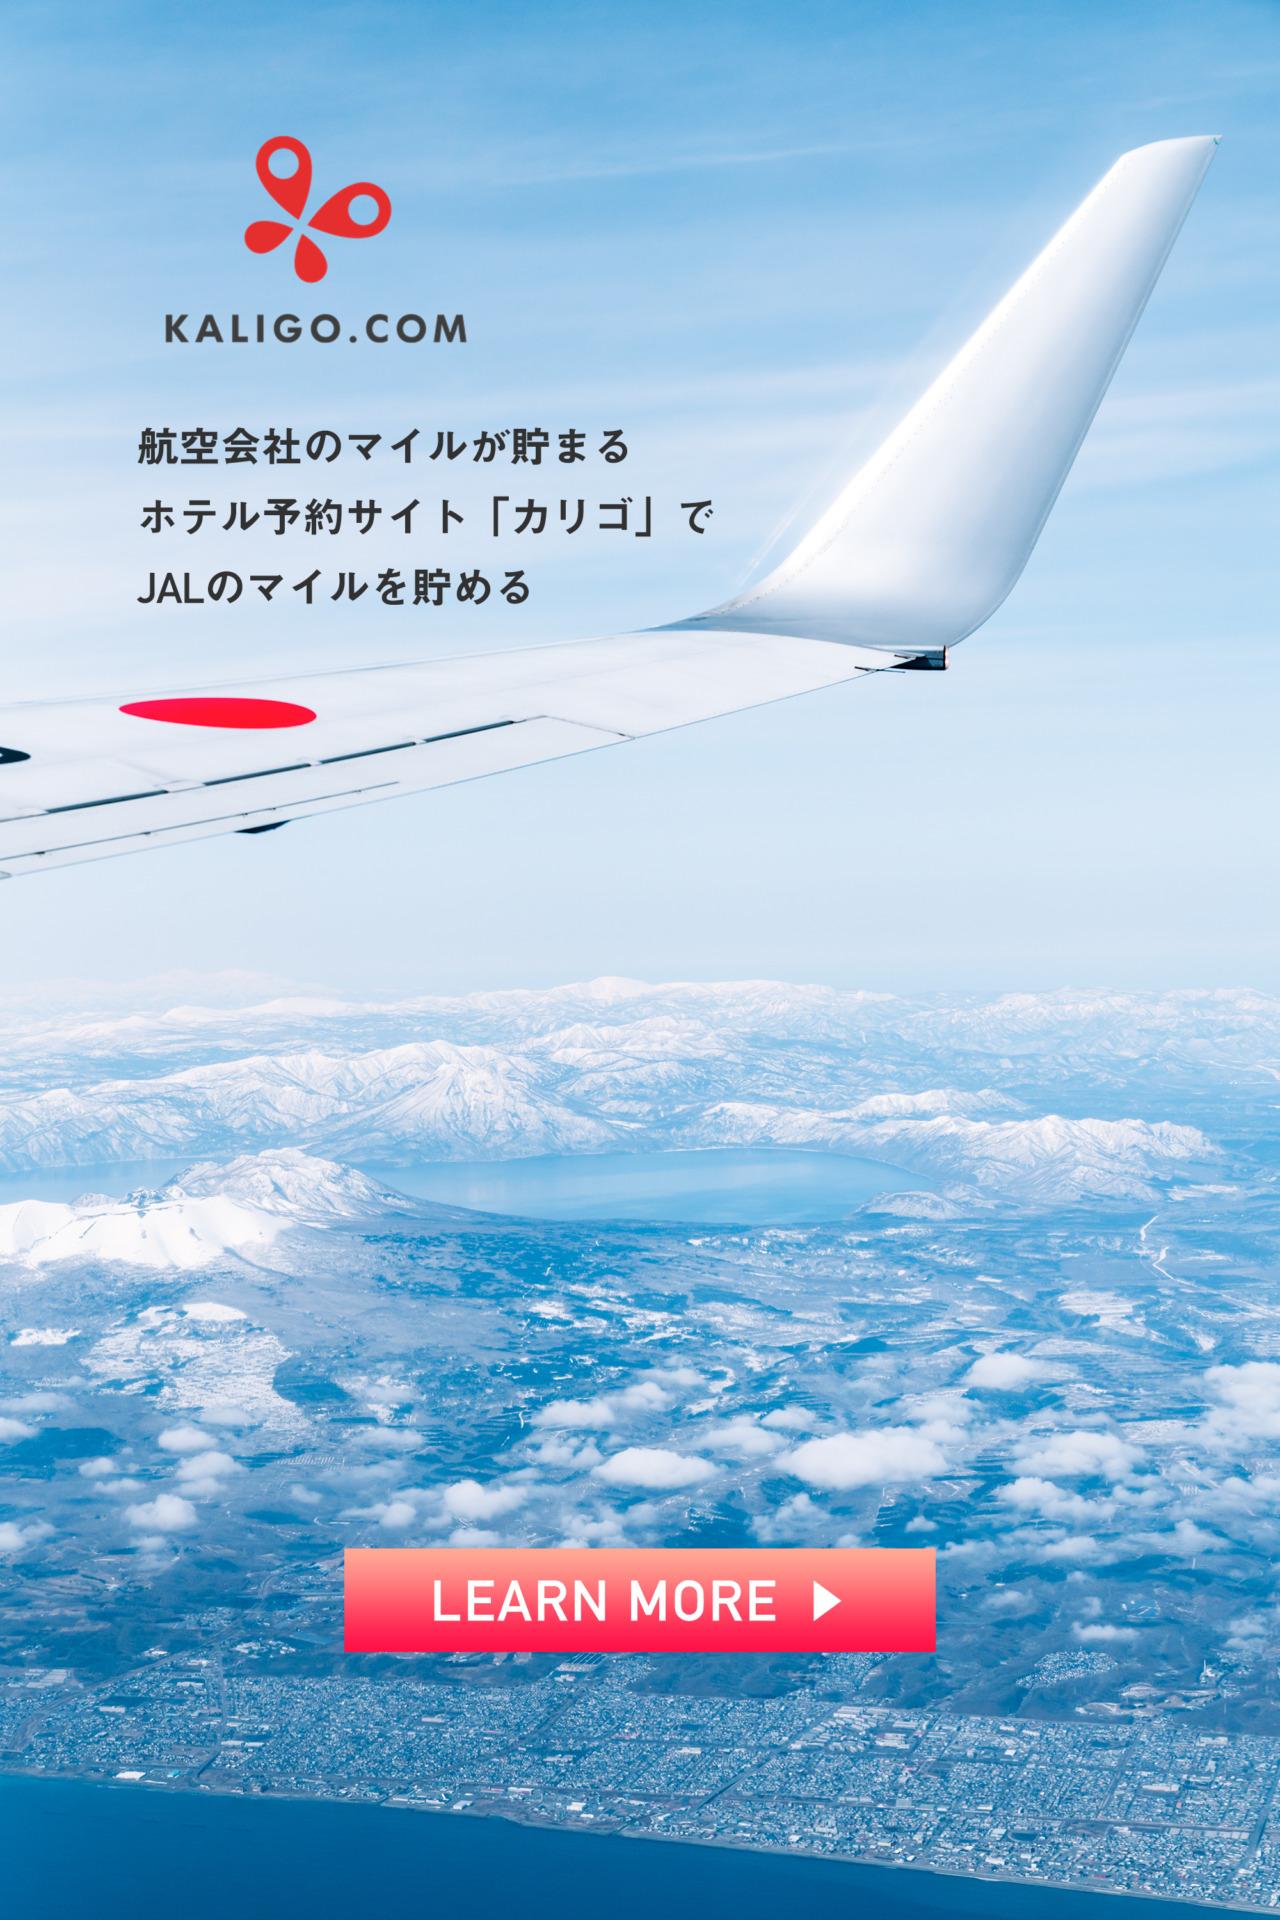 航空会社のマイルが貯まるホテル予約サイト「カリゴ」でJALのマイルを貯める